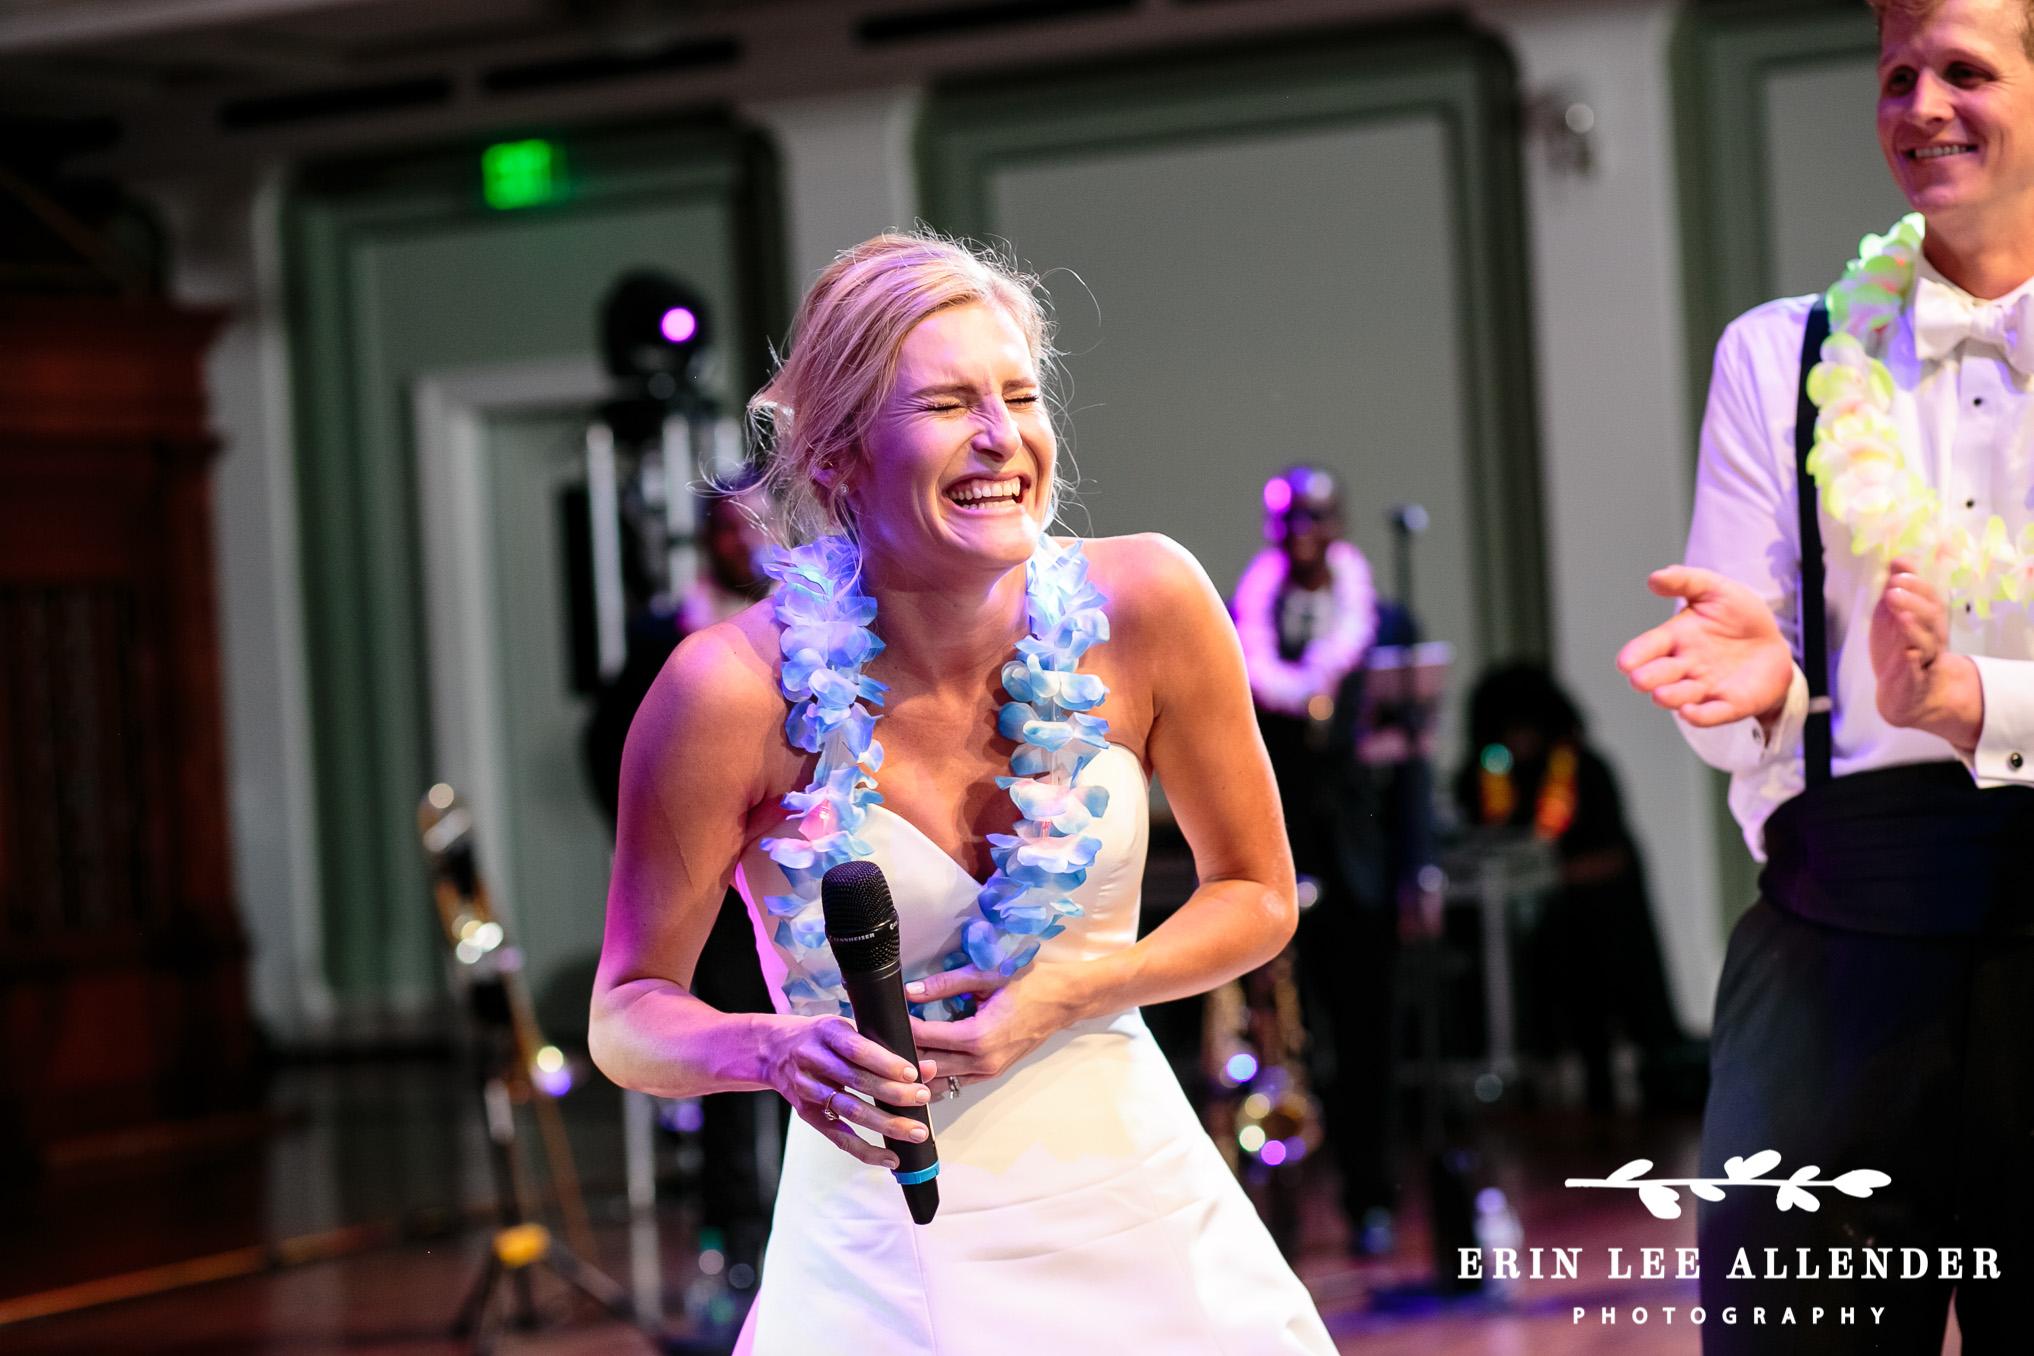 Bride_Sings_On_Stage